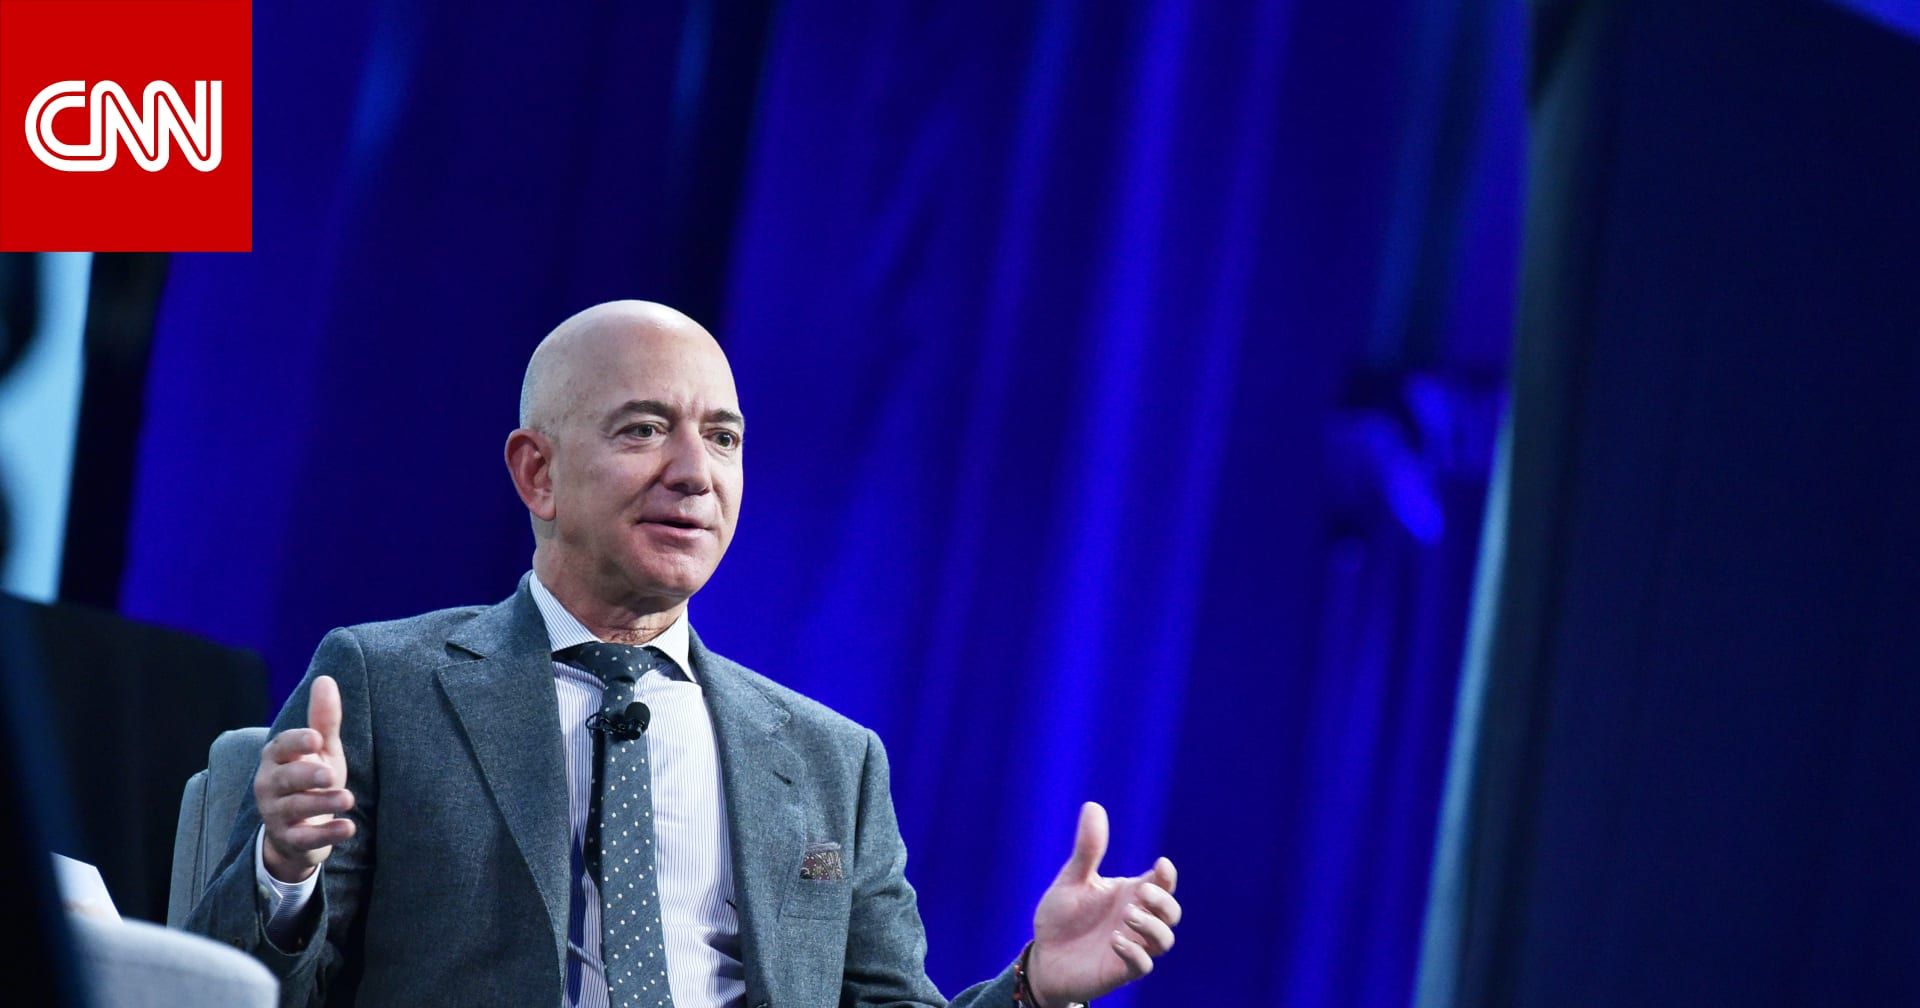 جيف بيزوس يتنحى عن منصبه كرئيس تنفيذي لشركة أمازون في يوليو المقبل